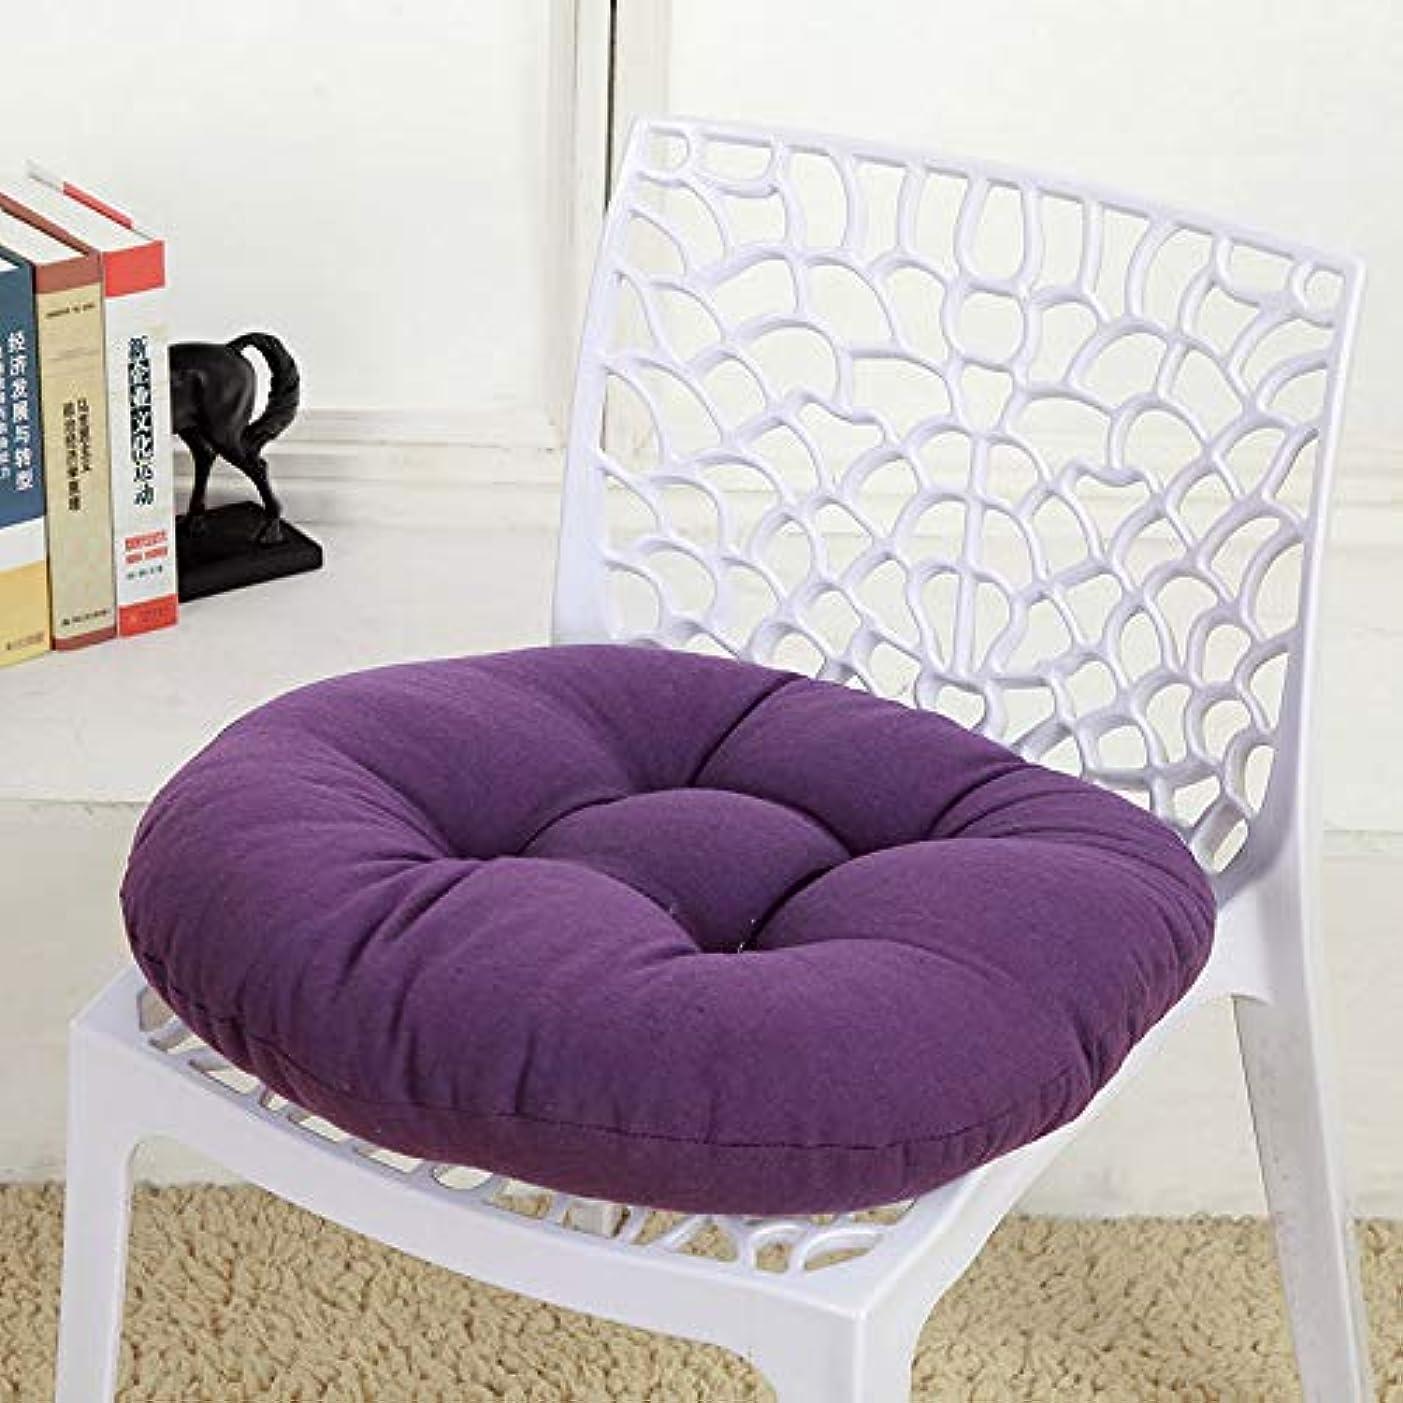 隔離する大脳科学者SMART キャンディカラーのクッションラウンドシートクッション波ウィンドウシートクッションクッション家の装飾パッドラウンド枕シート枕椅子座る枕 クッション 椅子